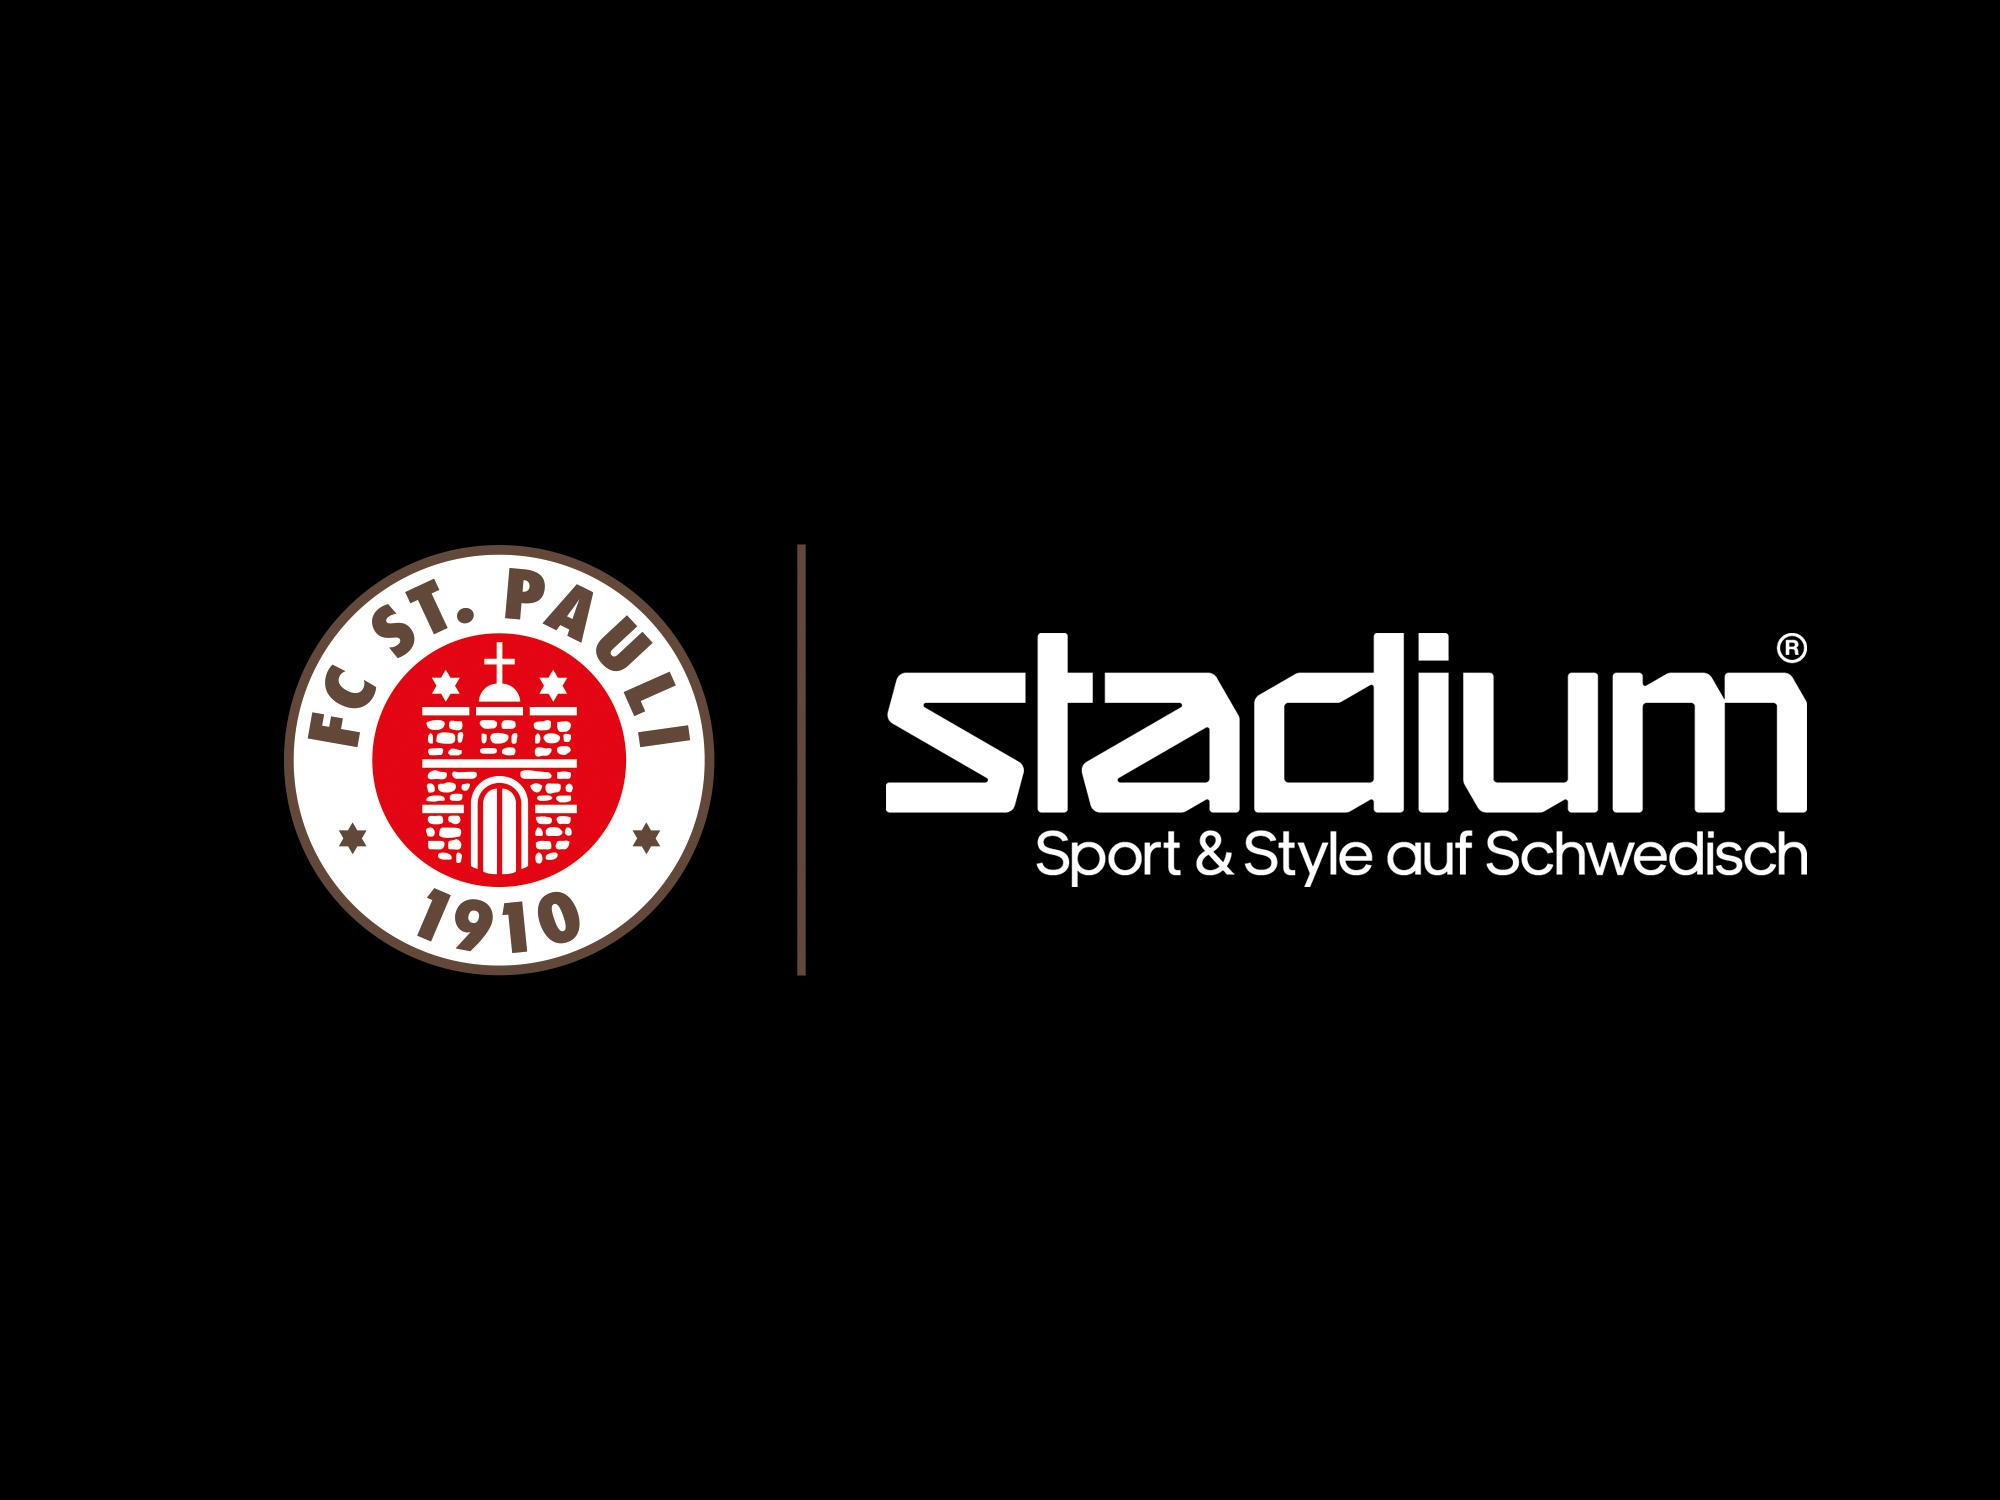 Die schwedische Sportmarktkette Stadium wird offizieller Partner des FC St. Pauli